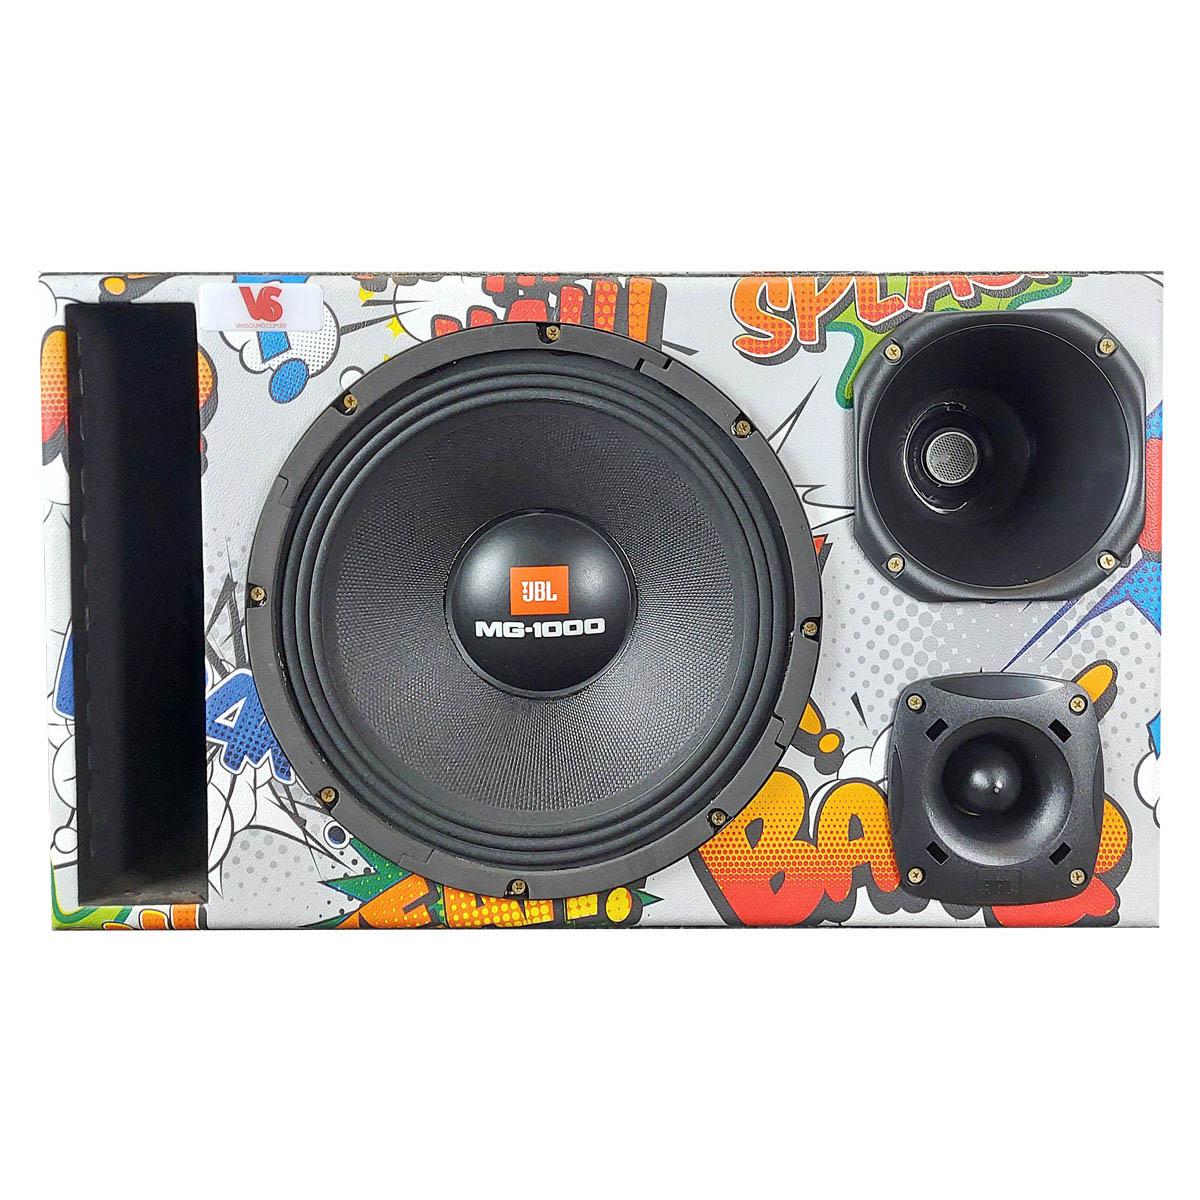 Caixa Trio Edição Especial JBL 12MG1000 12 Pol +D250x +ST200